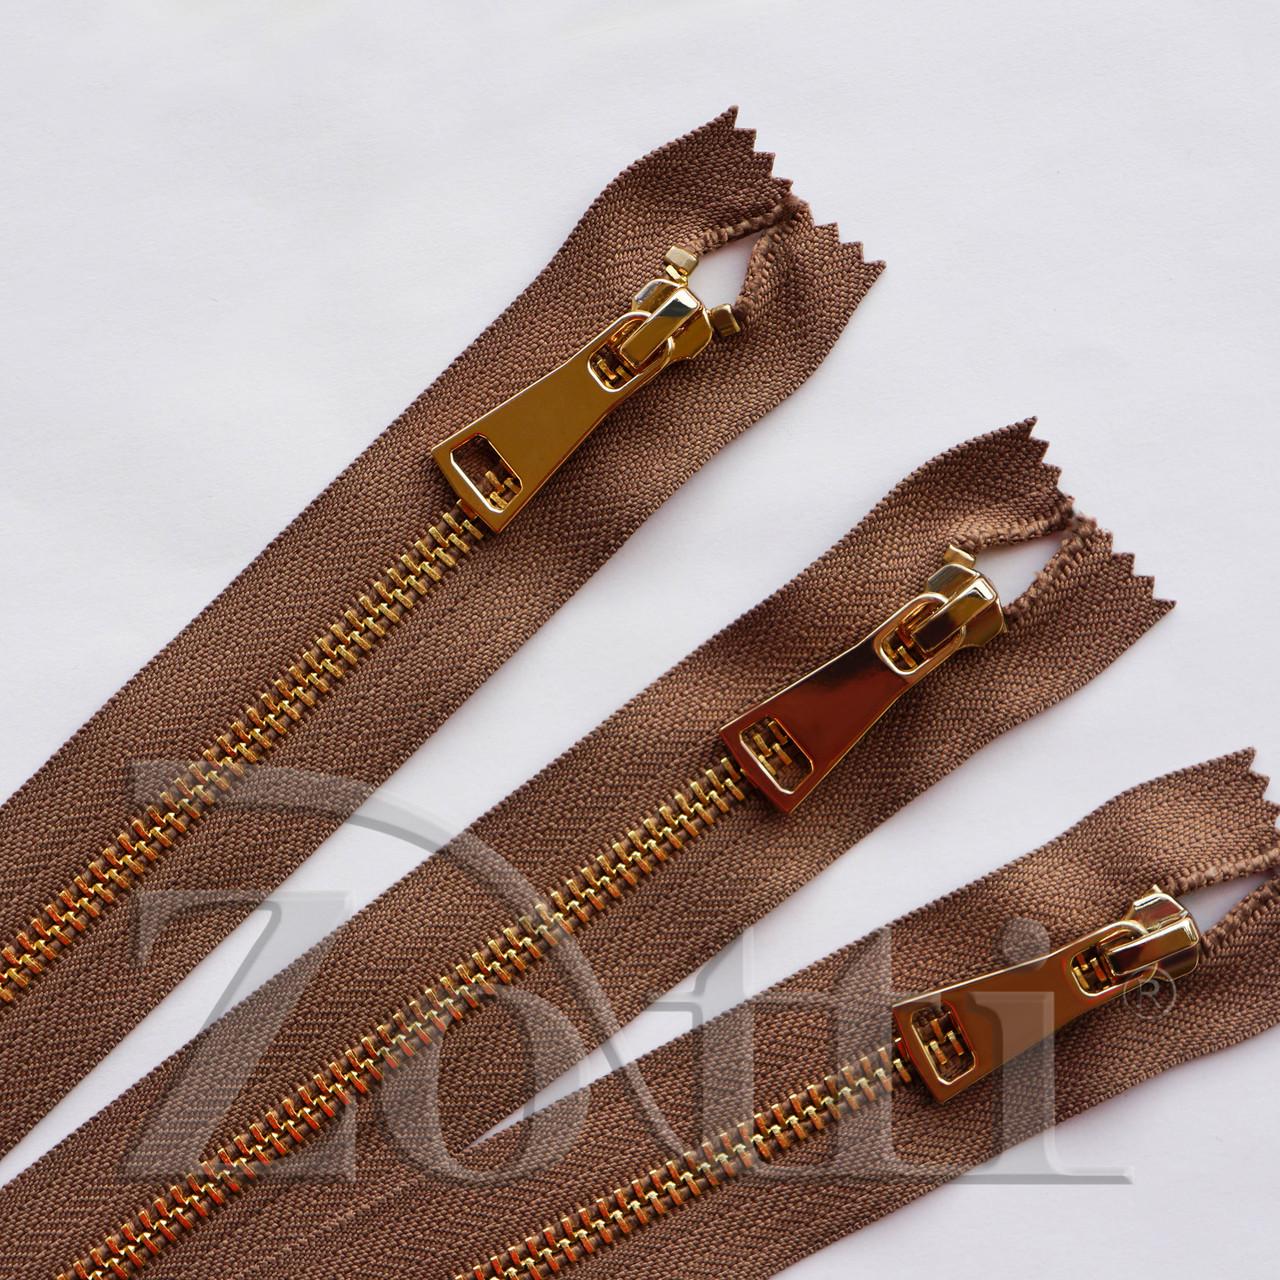 Молния (змейка,застежка) металлическая №5, размерная, обувная, коричневая, с золотым бегунком № 115 - 35 см